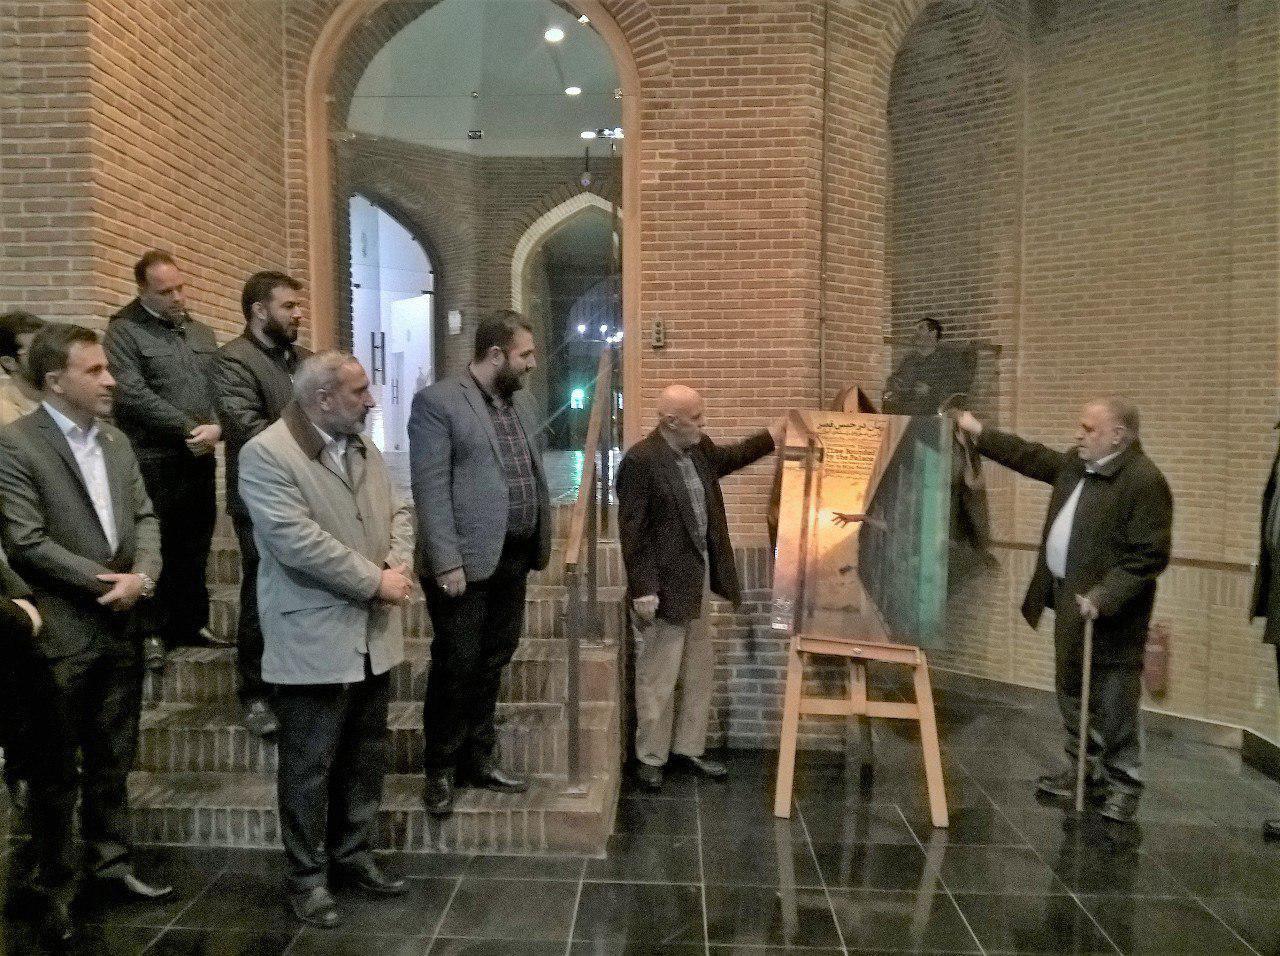 زندانی معروف سیاسی نمایش «زمان در حبس قصر» را افتتاح کرد